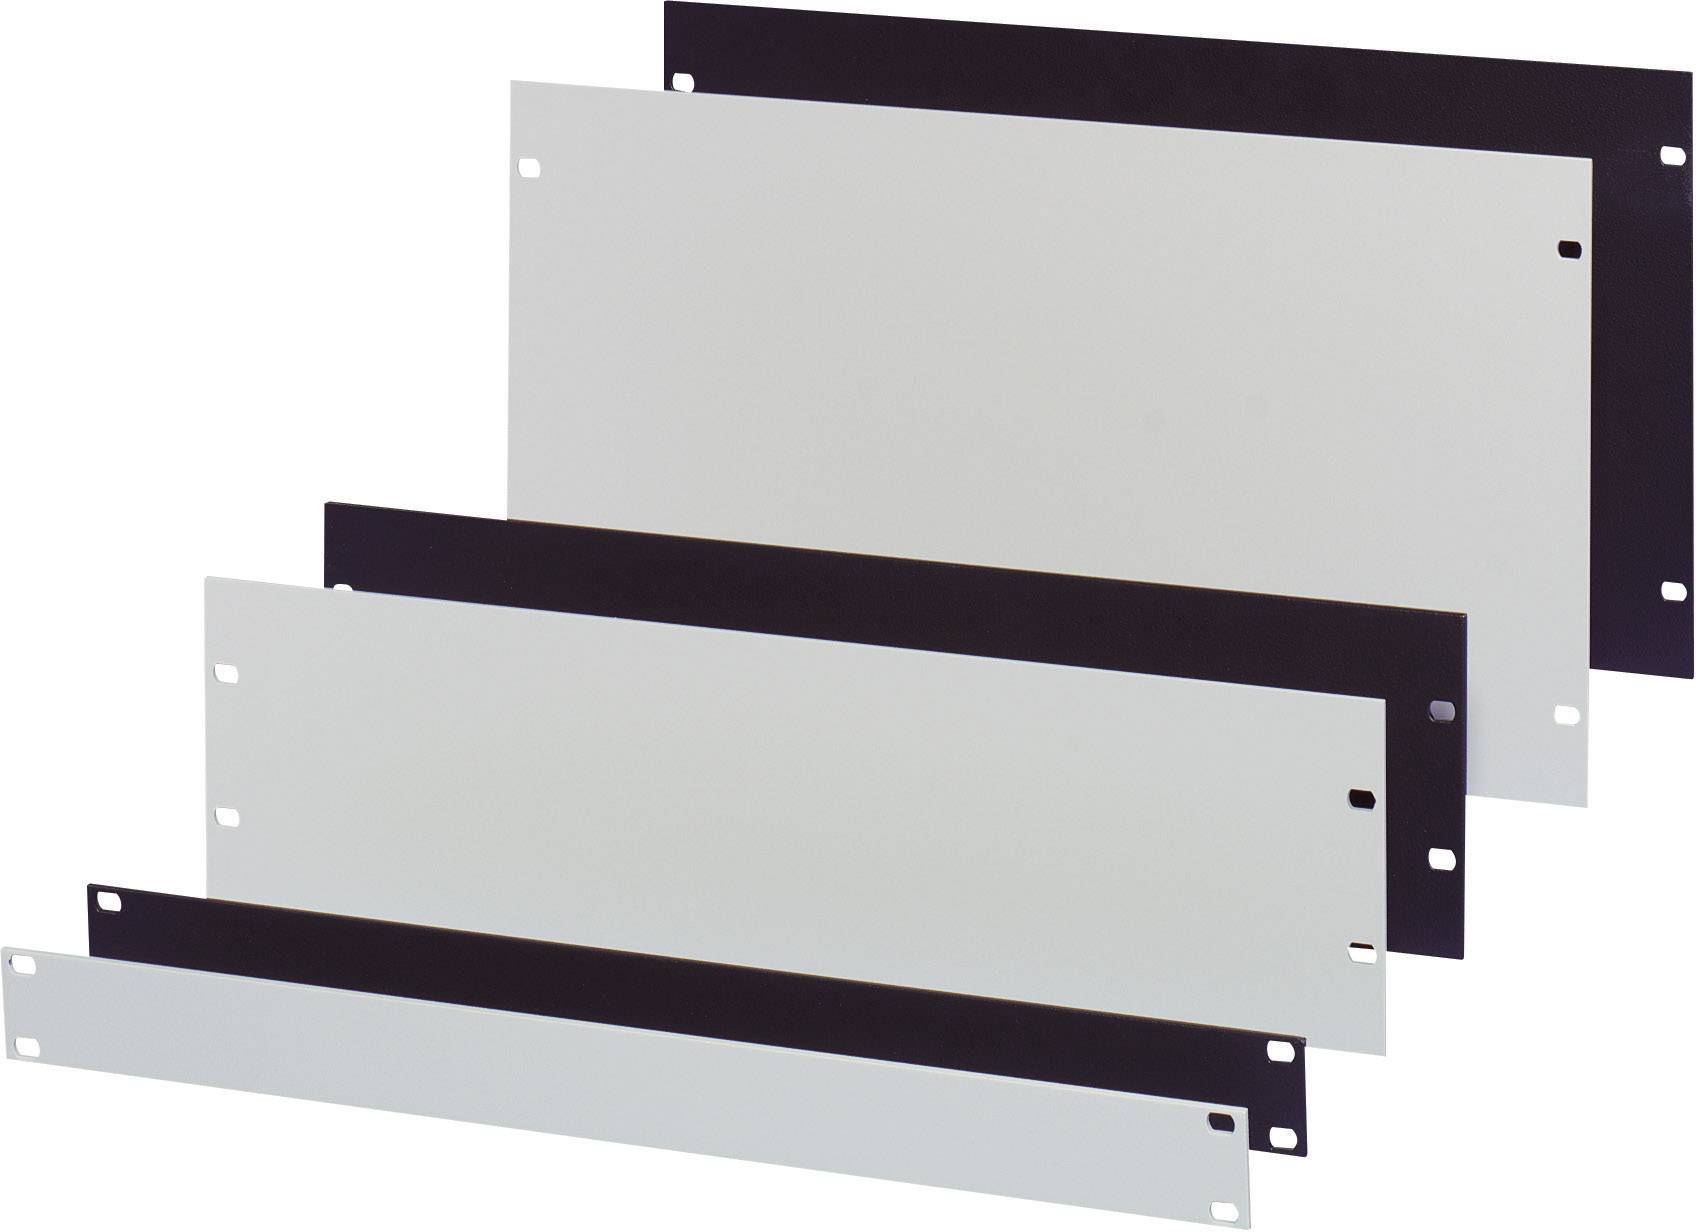 Zaslepovací panel Schroff;30219-107, (š x v) 483 mm x 177 mm, 1 ks